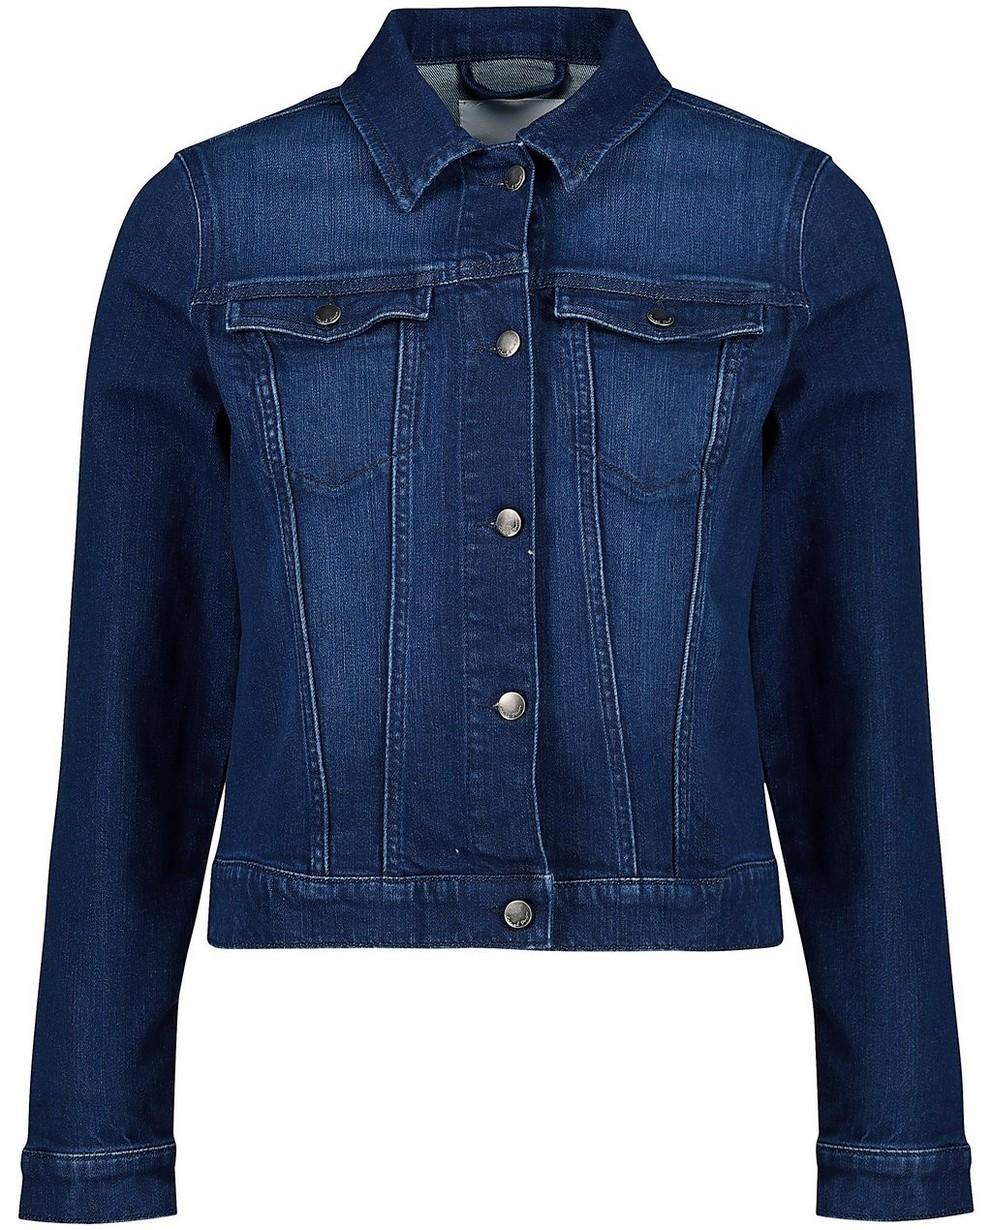 Washed jeansjasje - kort model - JBC